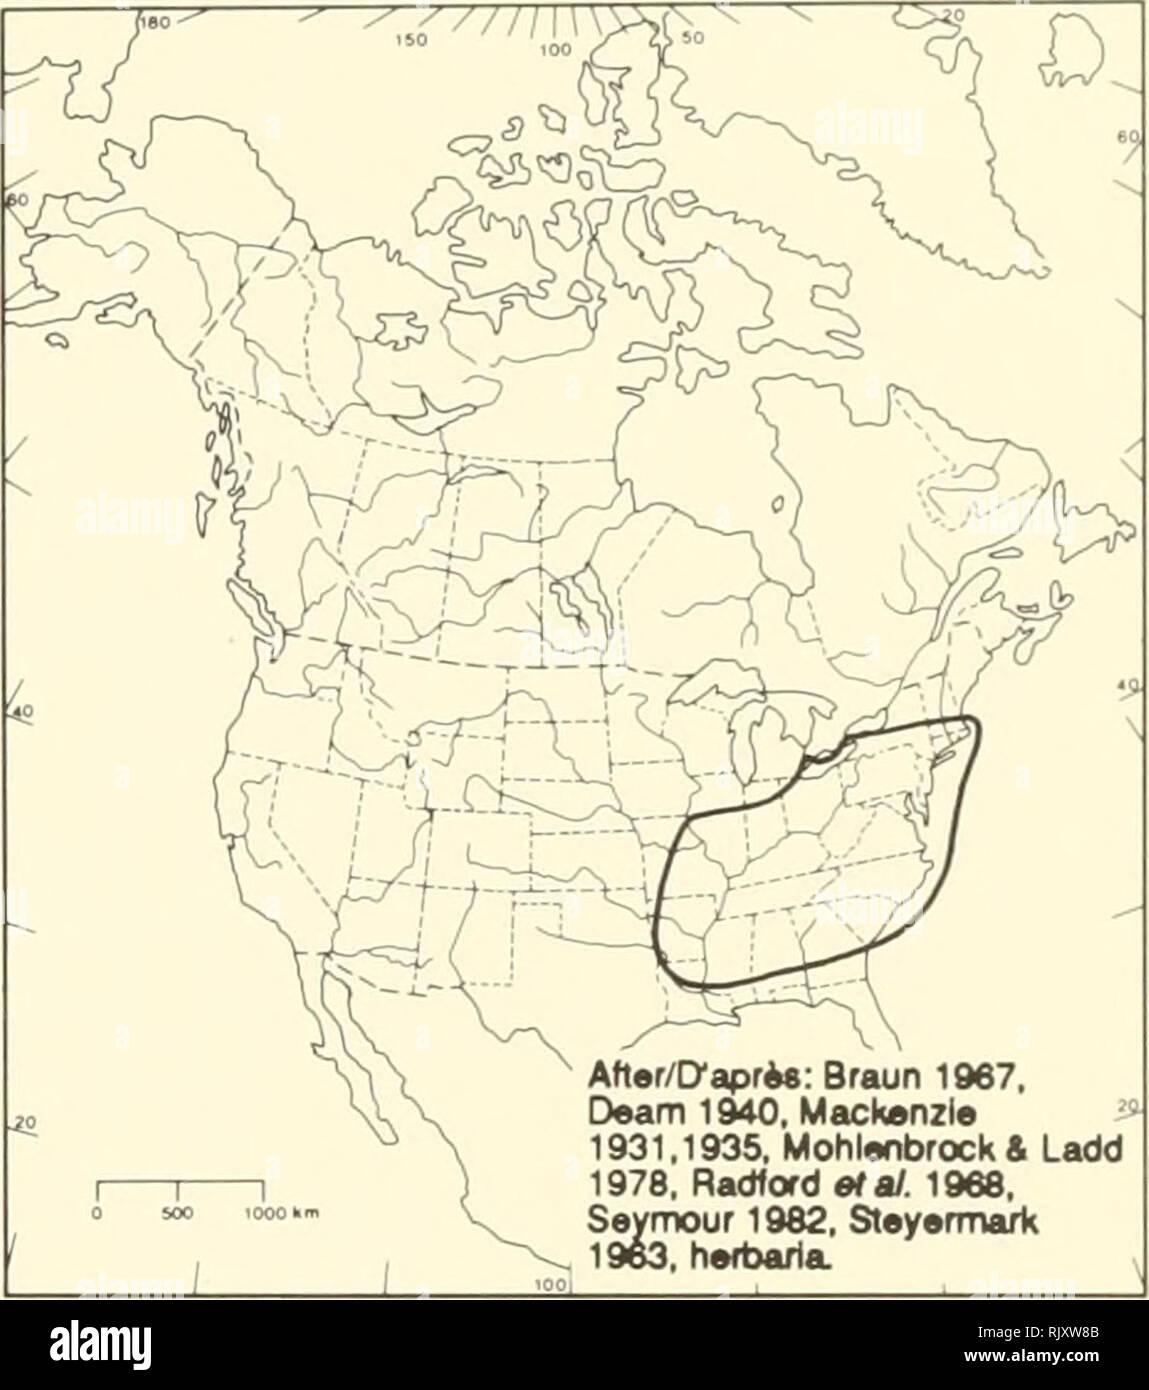 6c80d0c27de9e Atlas der seltenen Pflanzen von Ontario. Seltene Pflanzen